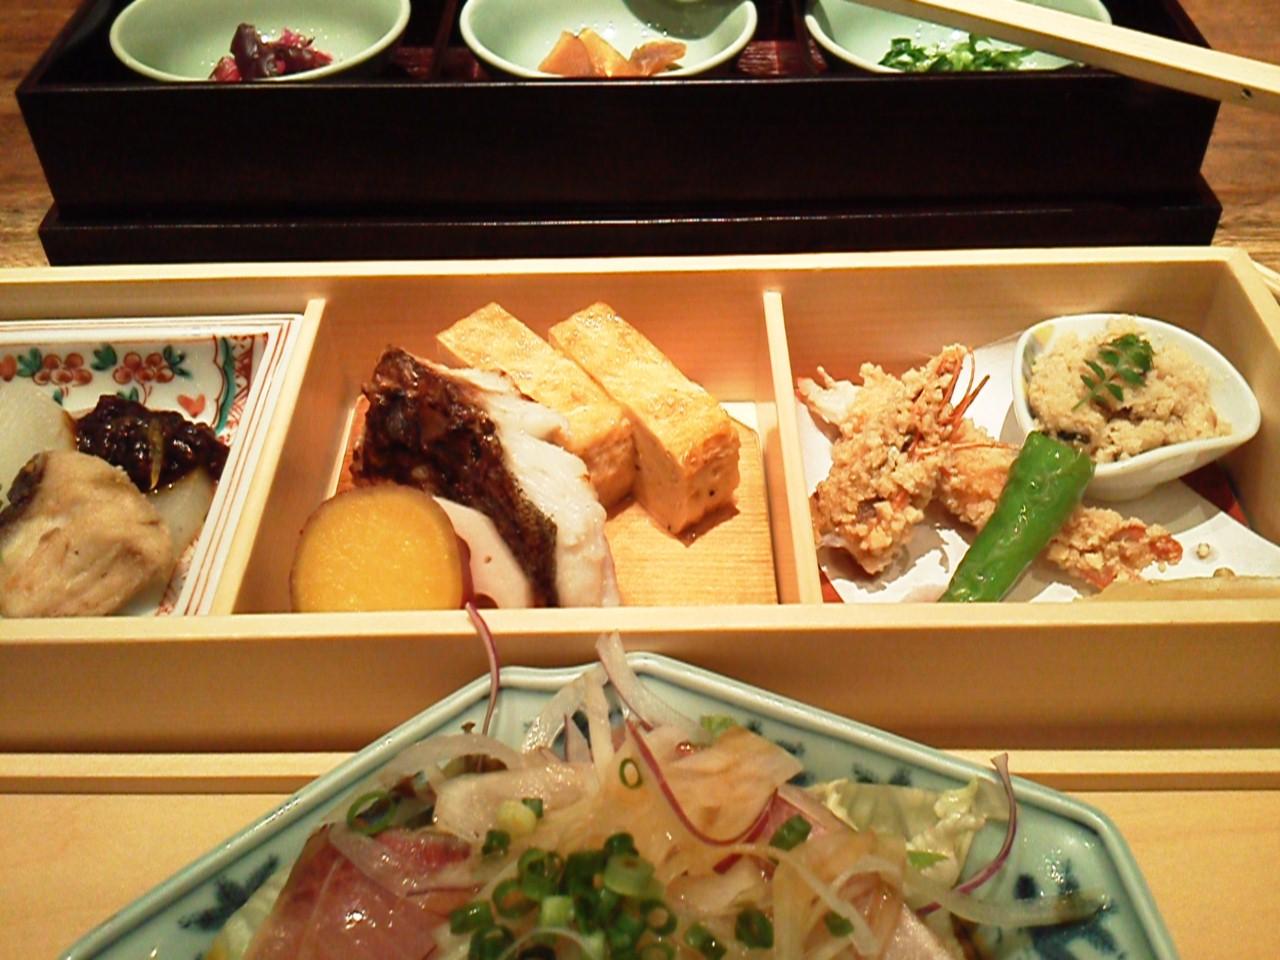 職人がつくる酒と料理がベストマッチ「蔵人厨 ねのひ 名古屋駅前店」